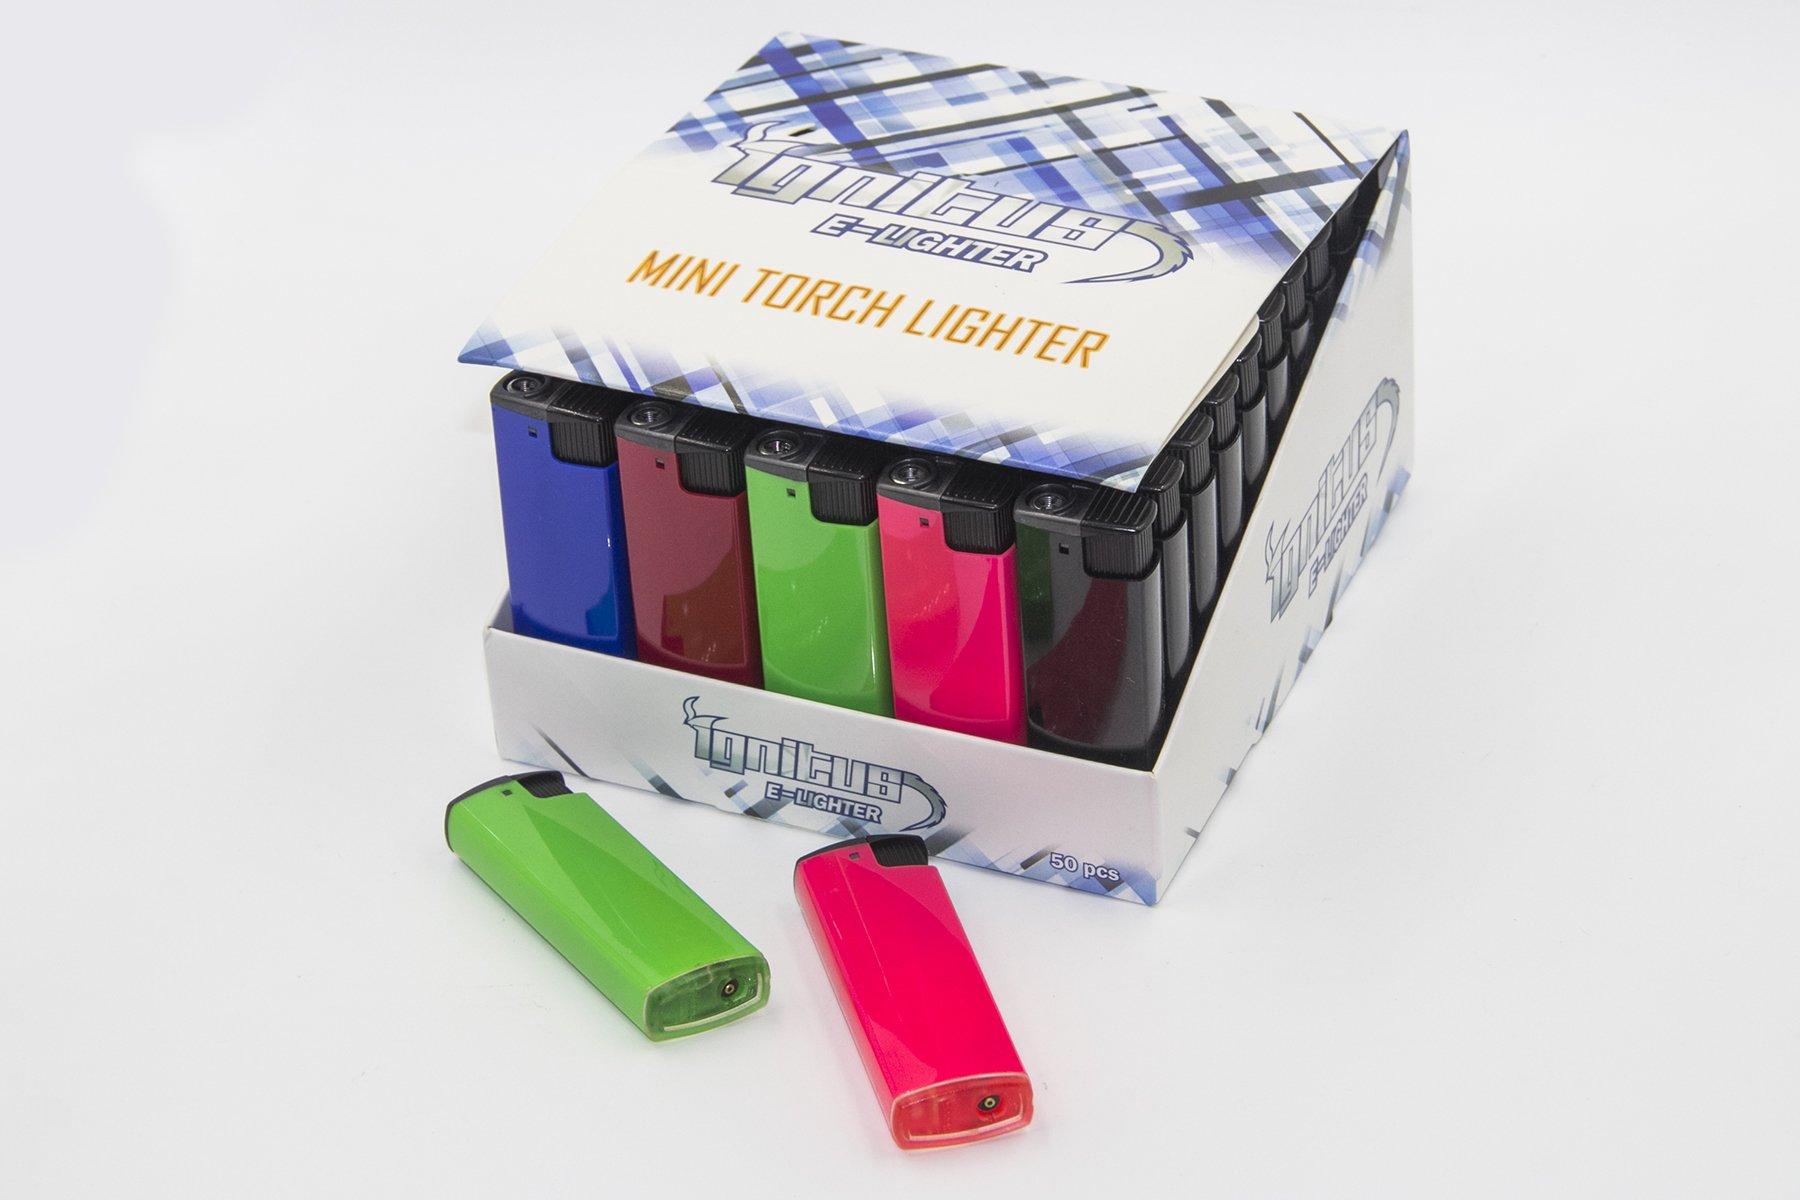 Ignitus Mini Torch Lighter